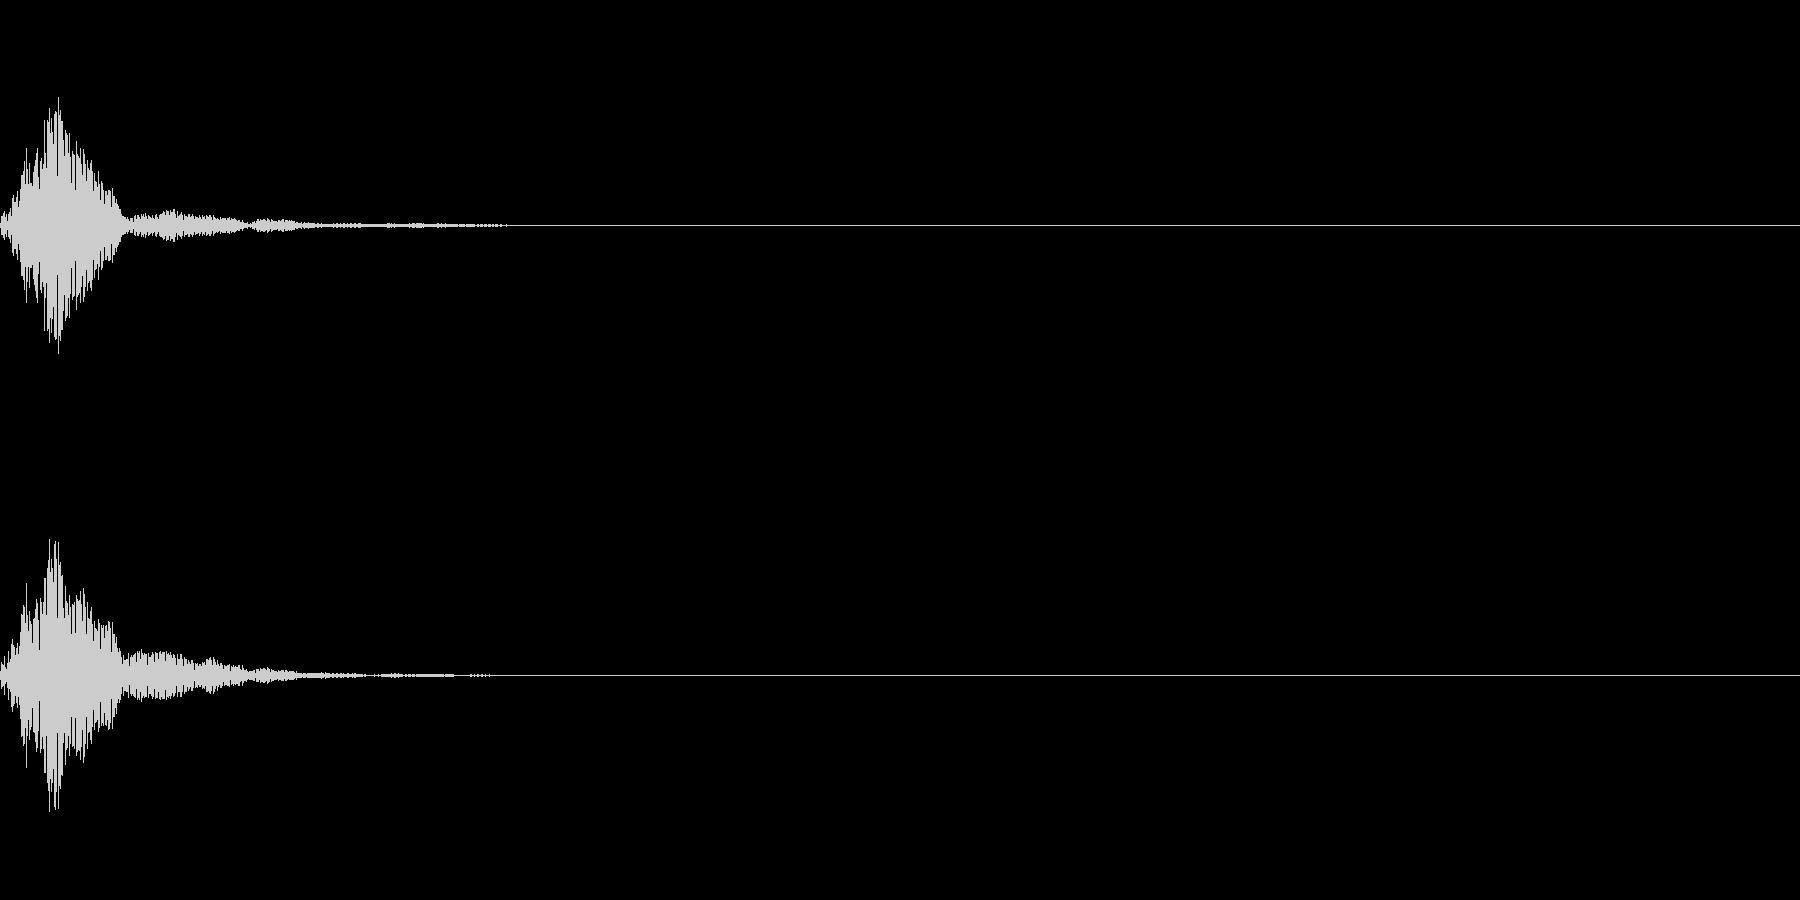 カーソル音3【ポコッ】の未再生の波形